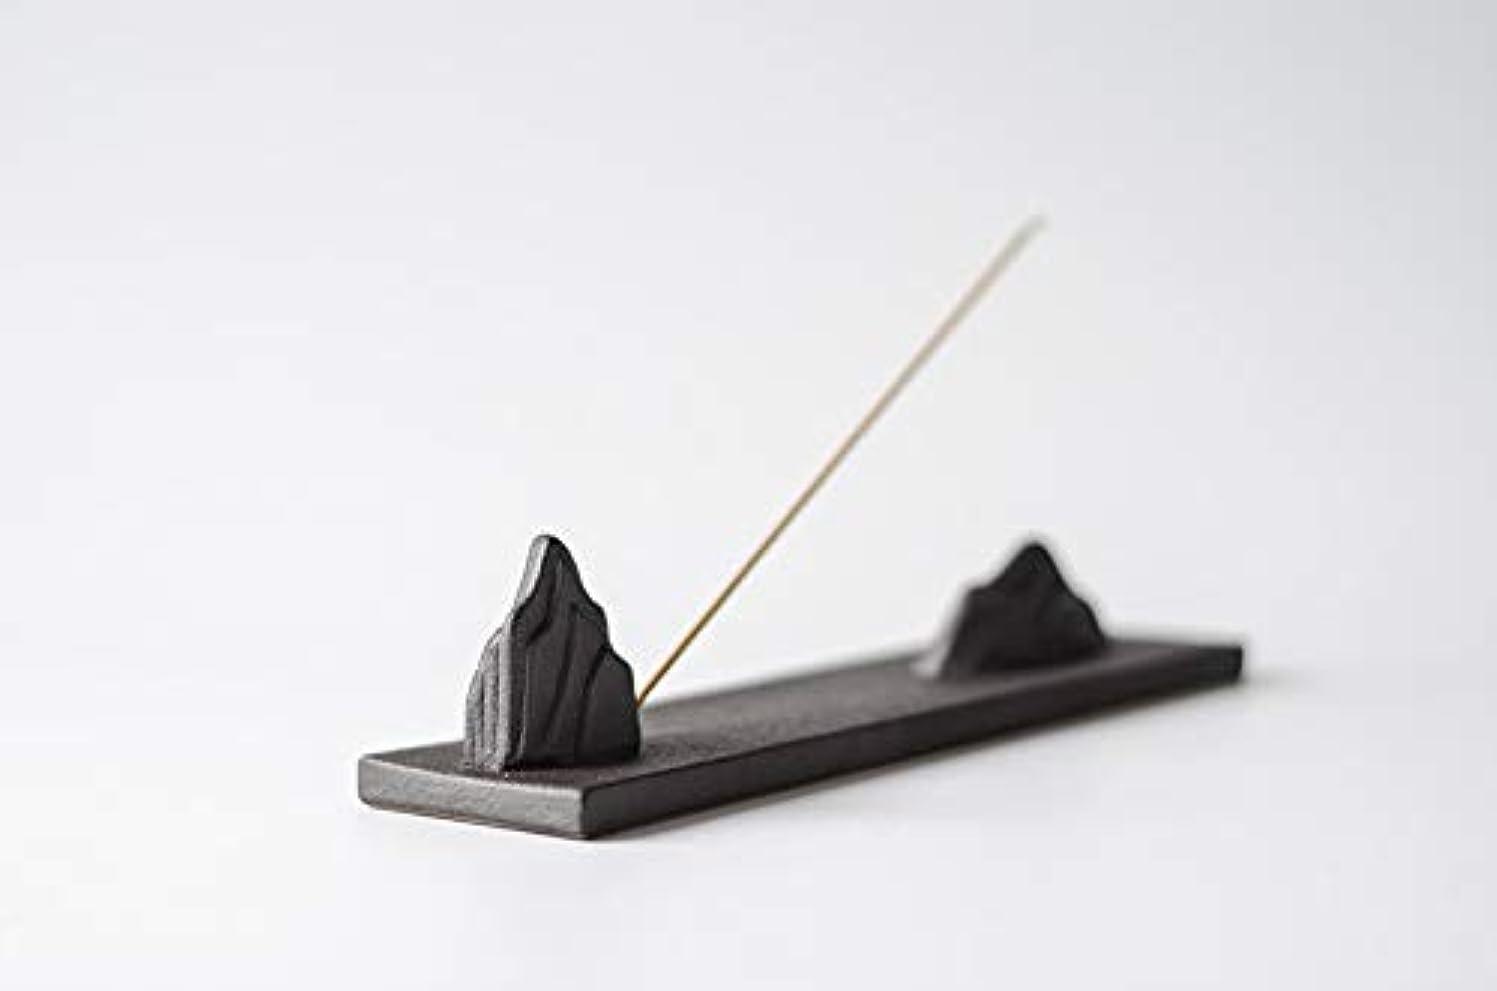 通行人ハイランド硬いPHILOGOD 陶器香炉 ミニマリスト山水スタイリング線香立て 仏壇用香置物 香皿